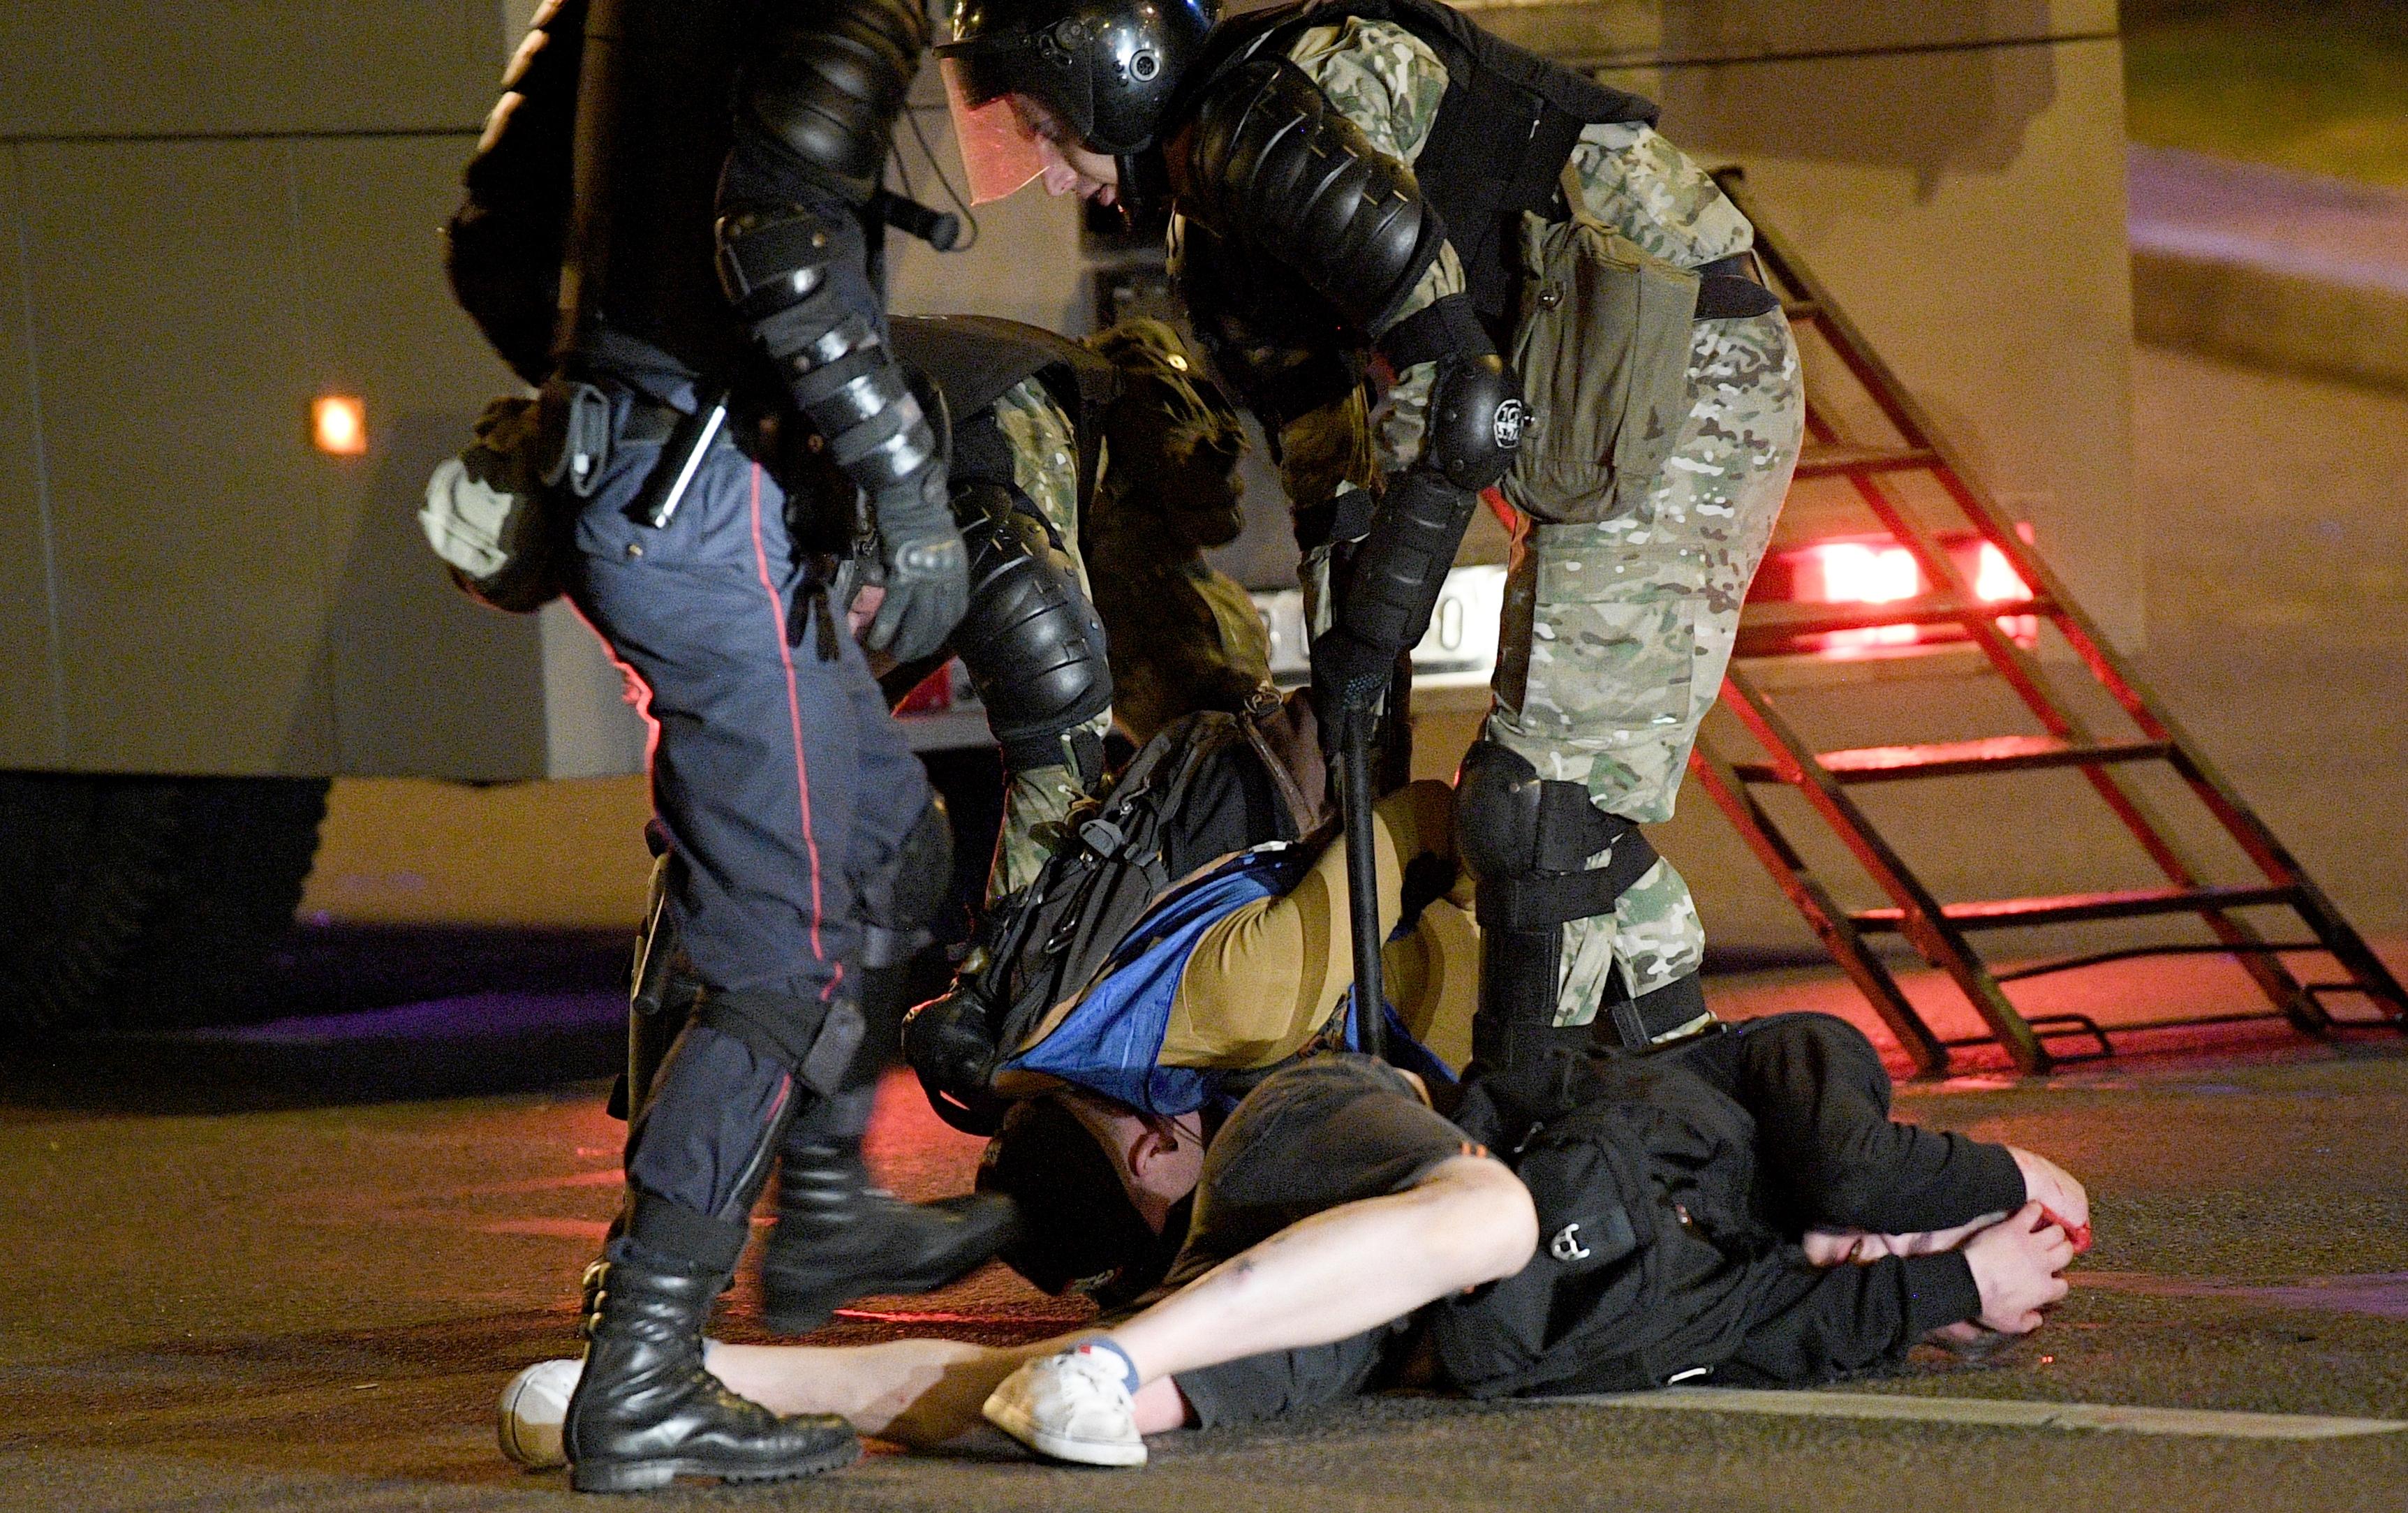 Ezek a rendőrök tényleg szívből utálják az ellenzékieket